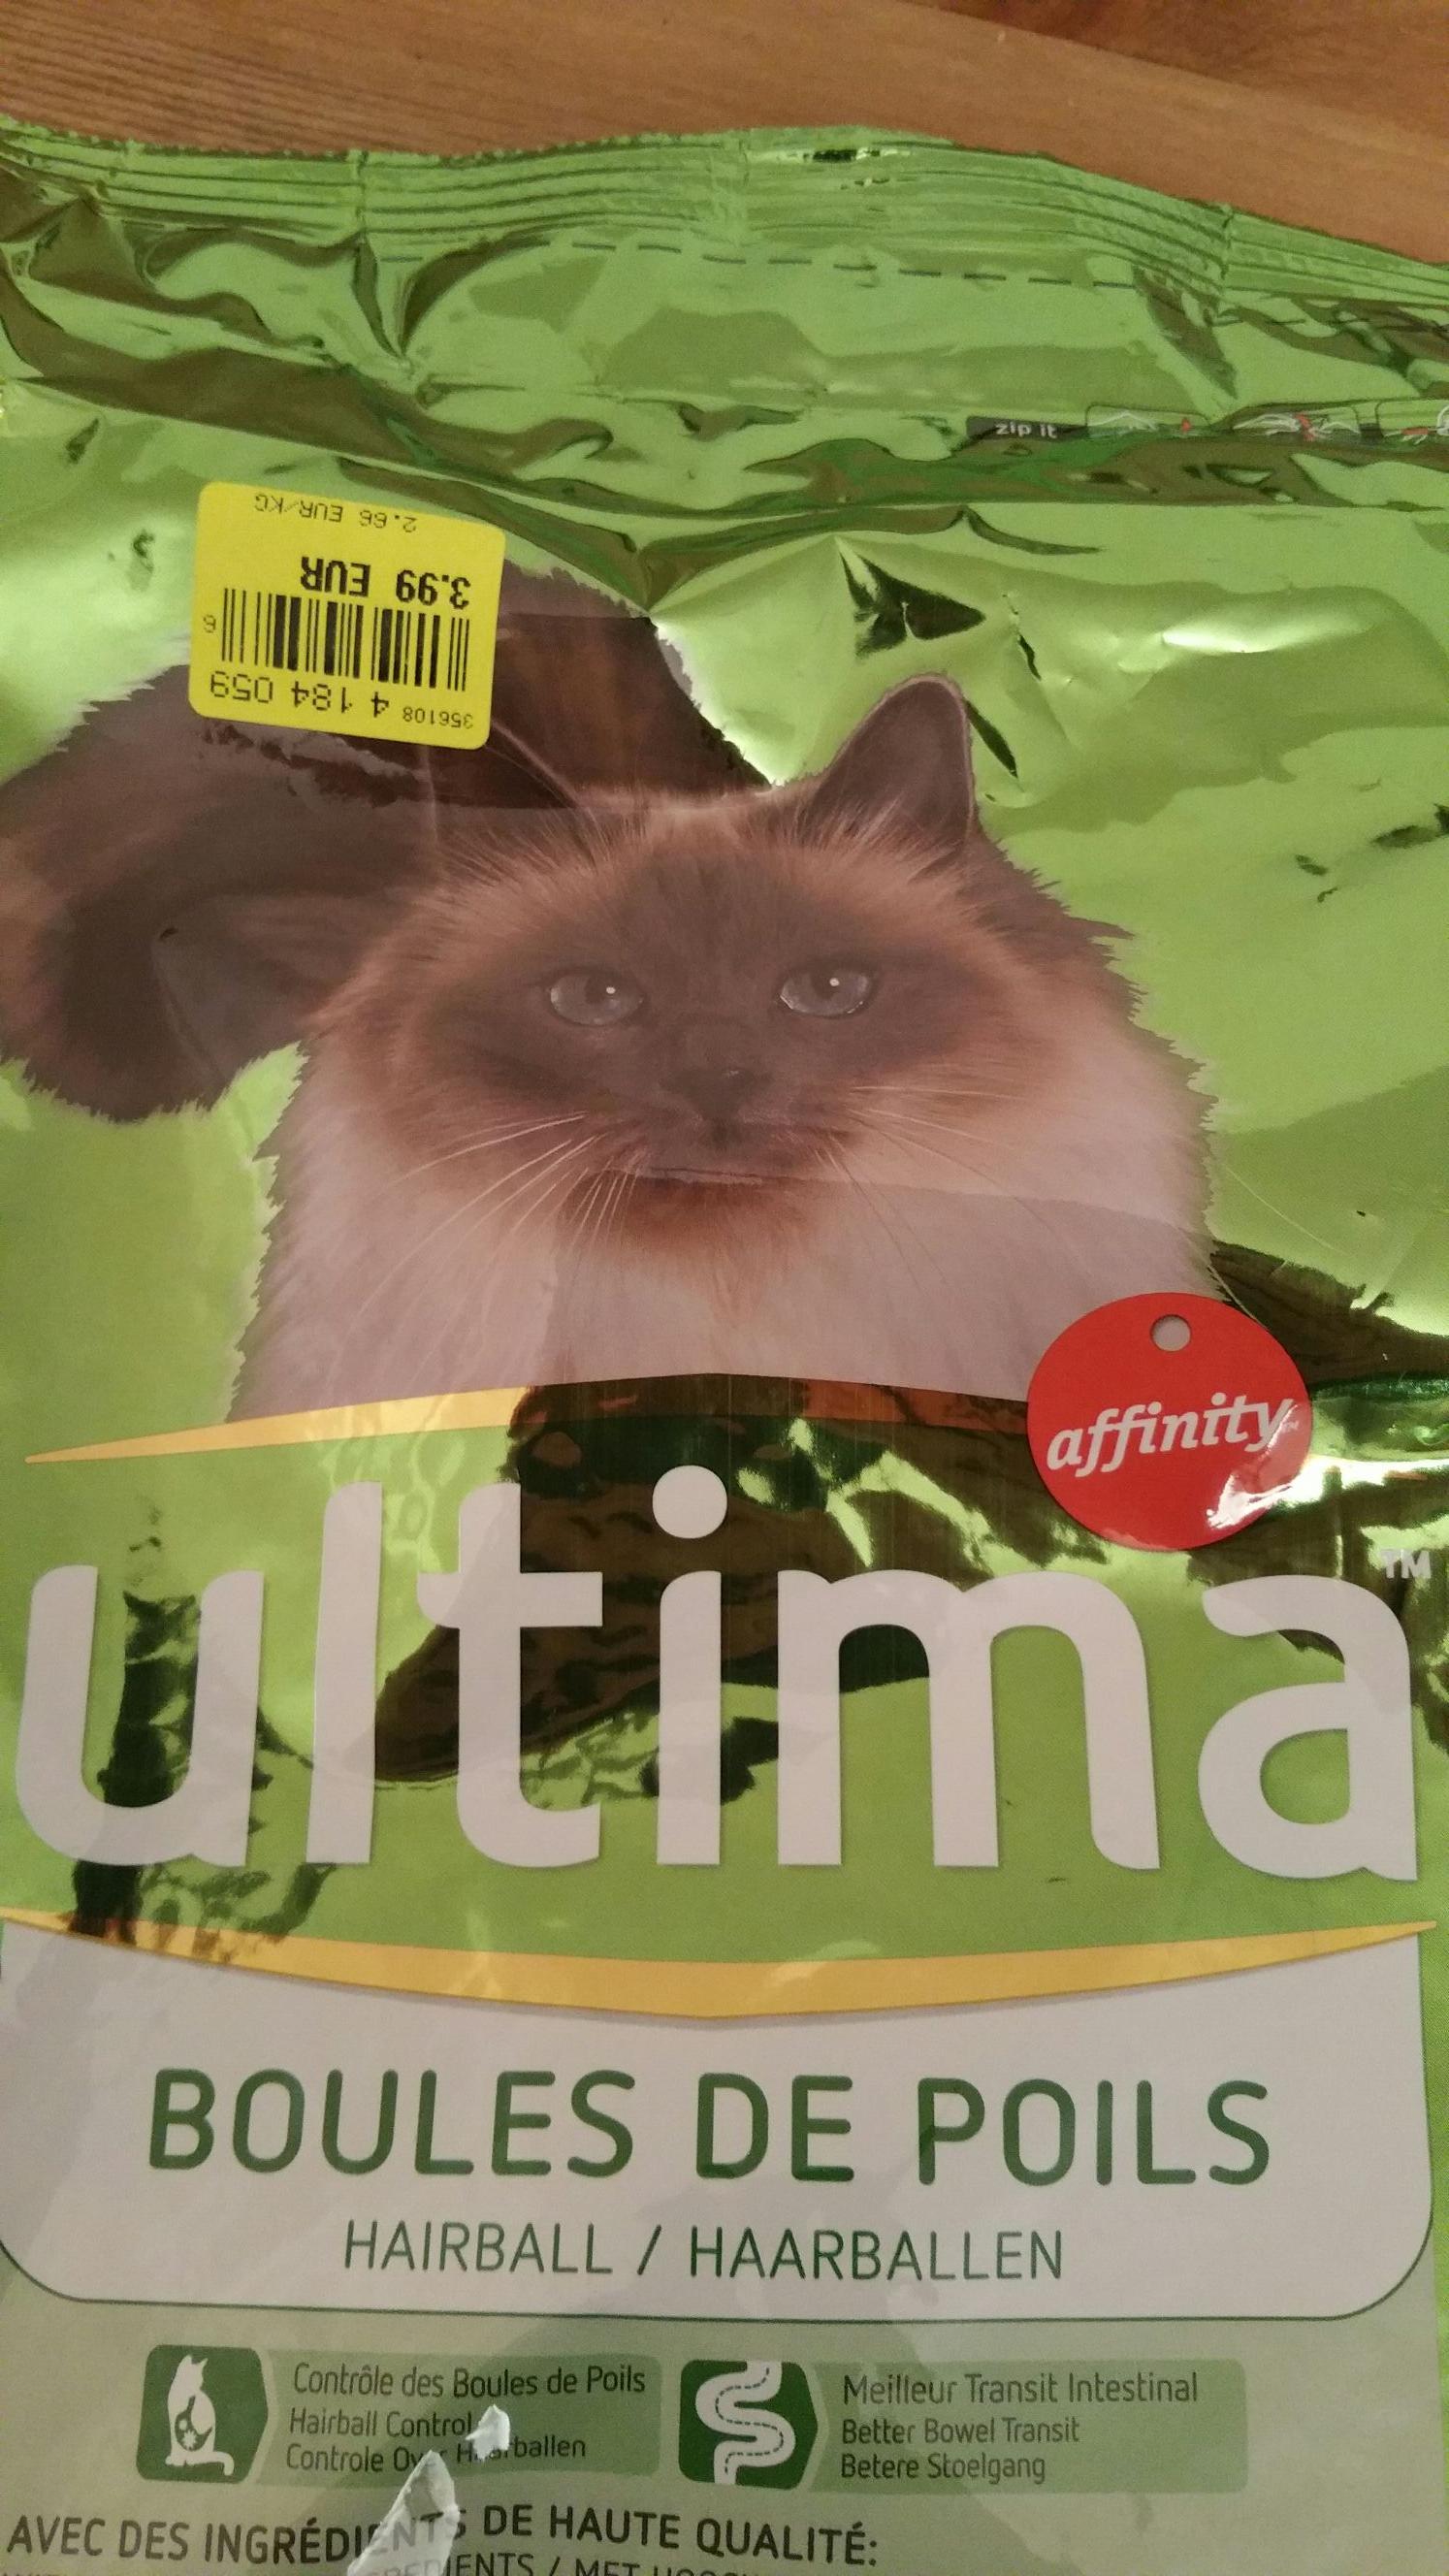 Paquet de 1.5Kg de Croquettes pour Chat Ultima Boule de poils